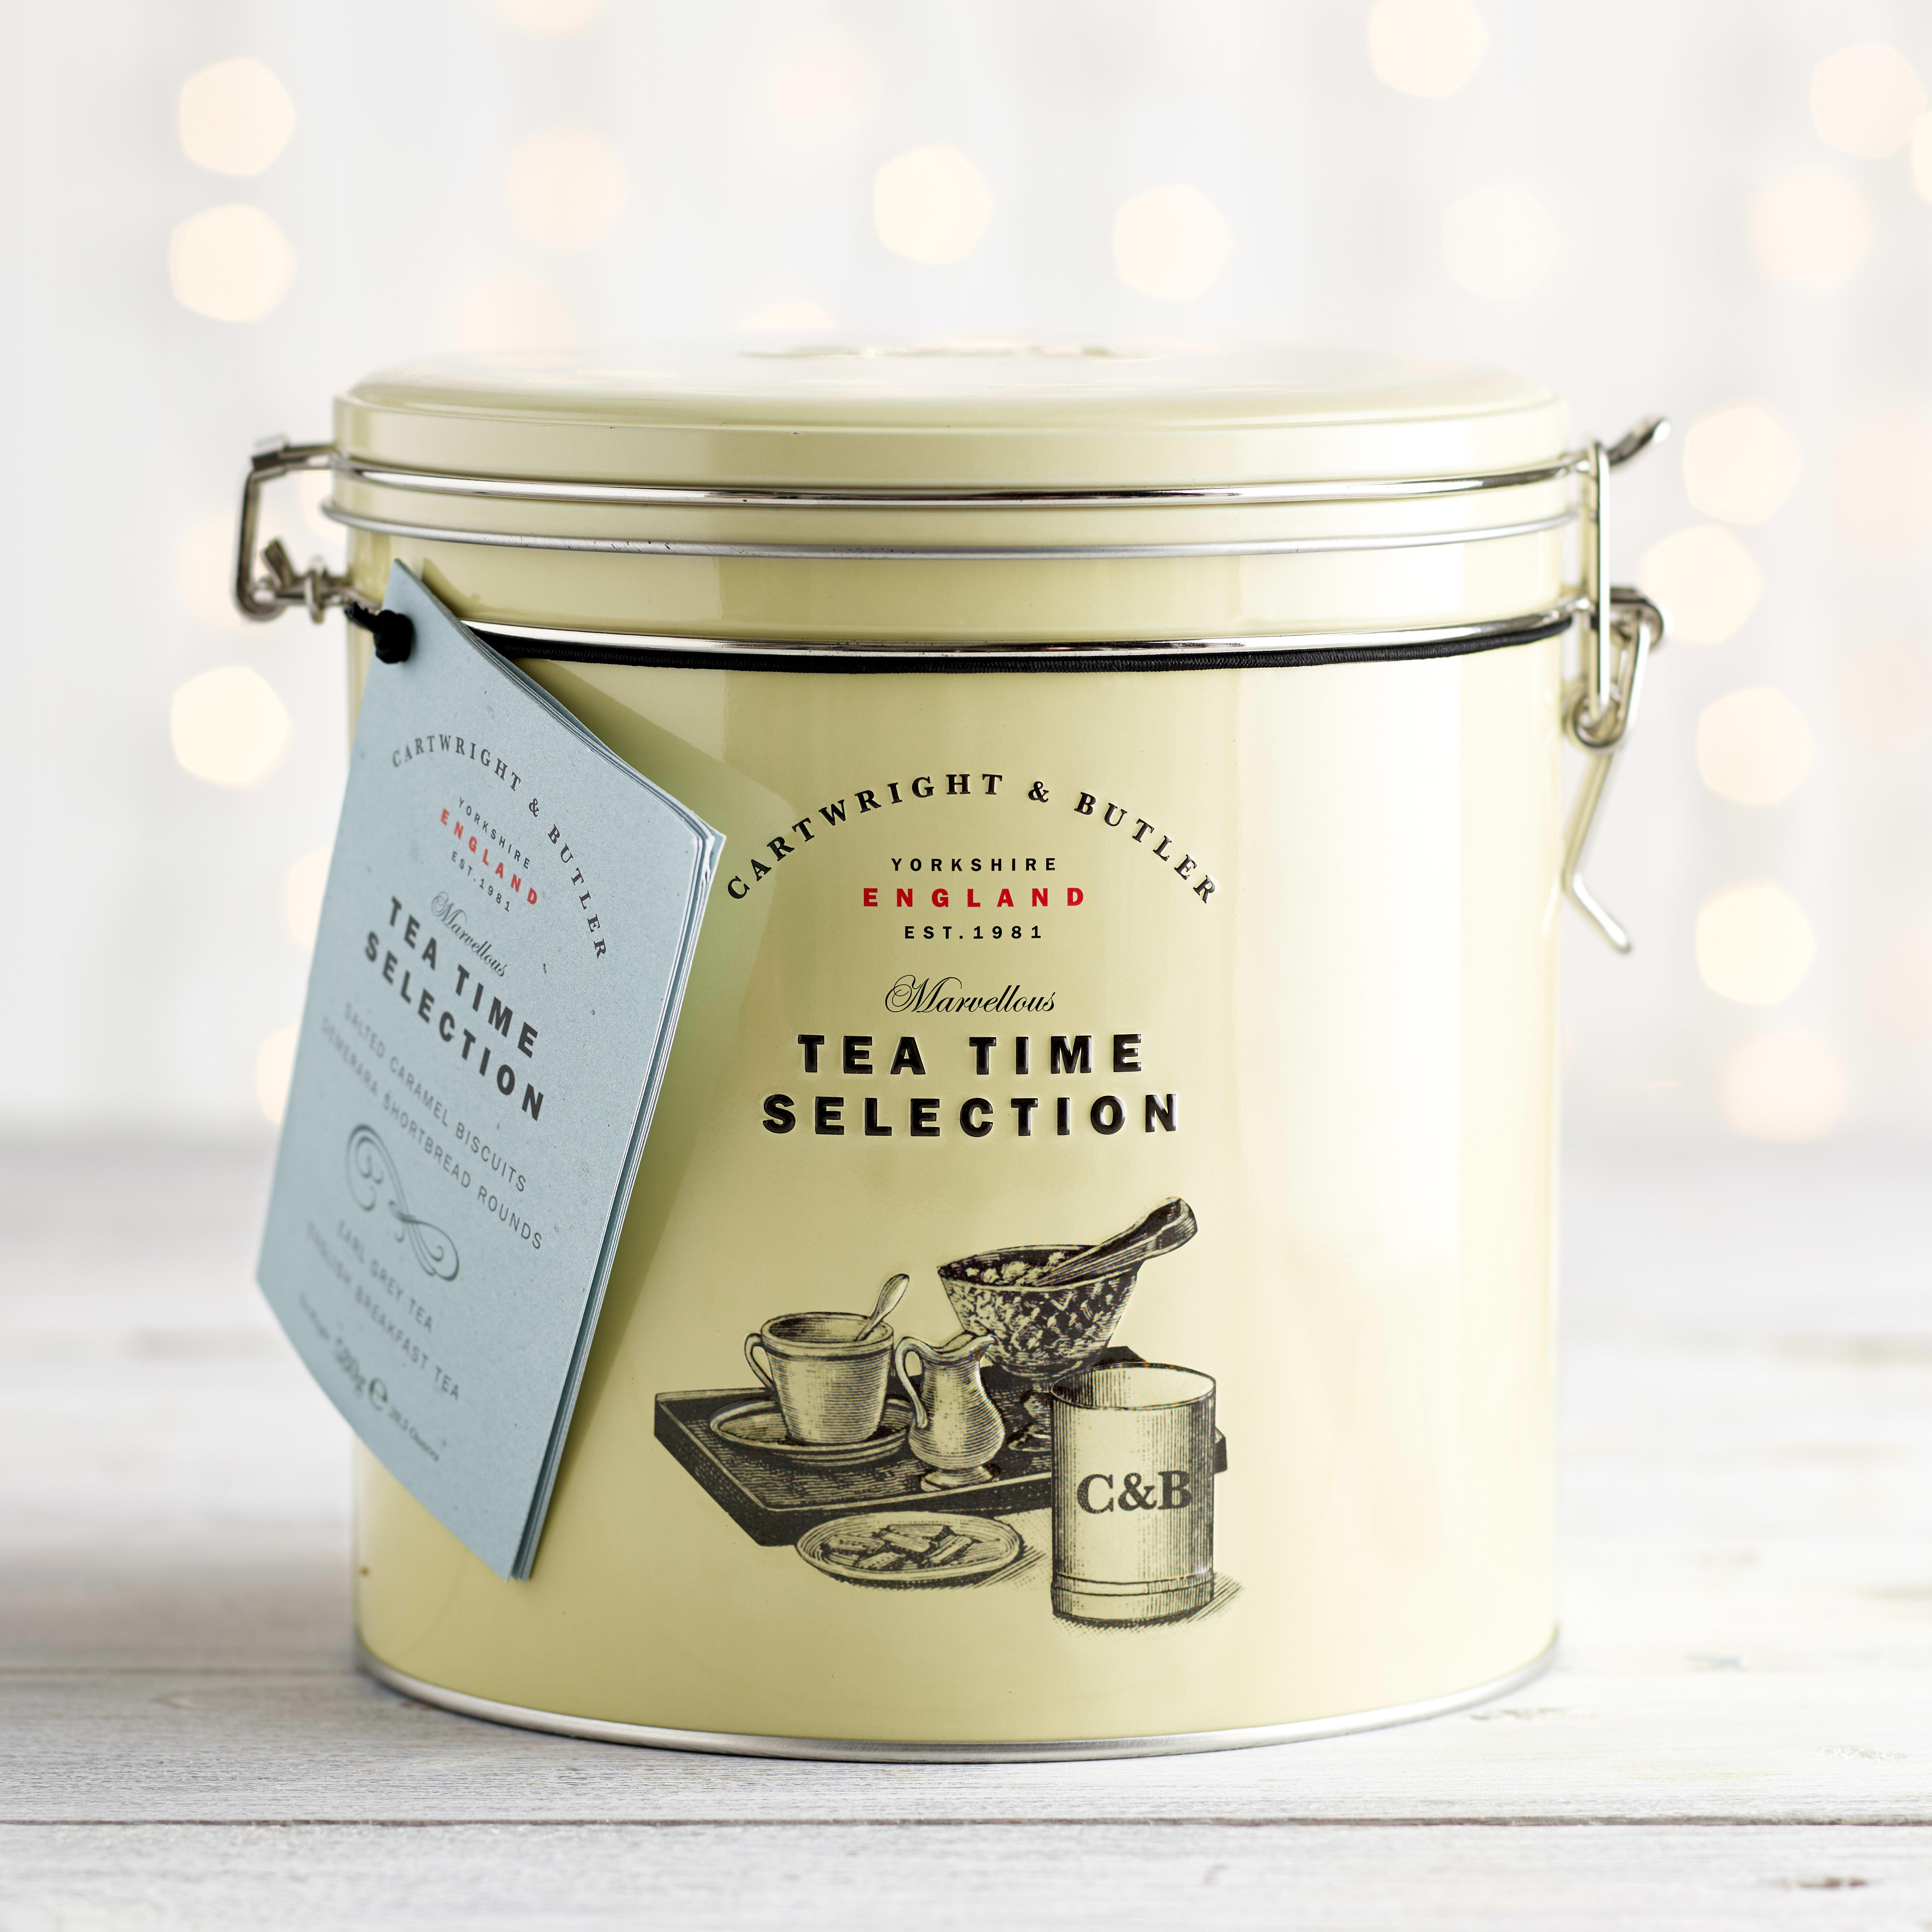 Cartwright & Butler Tea Time Selection, 580g